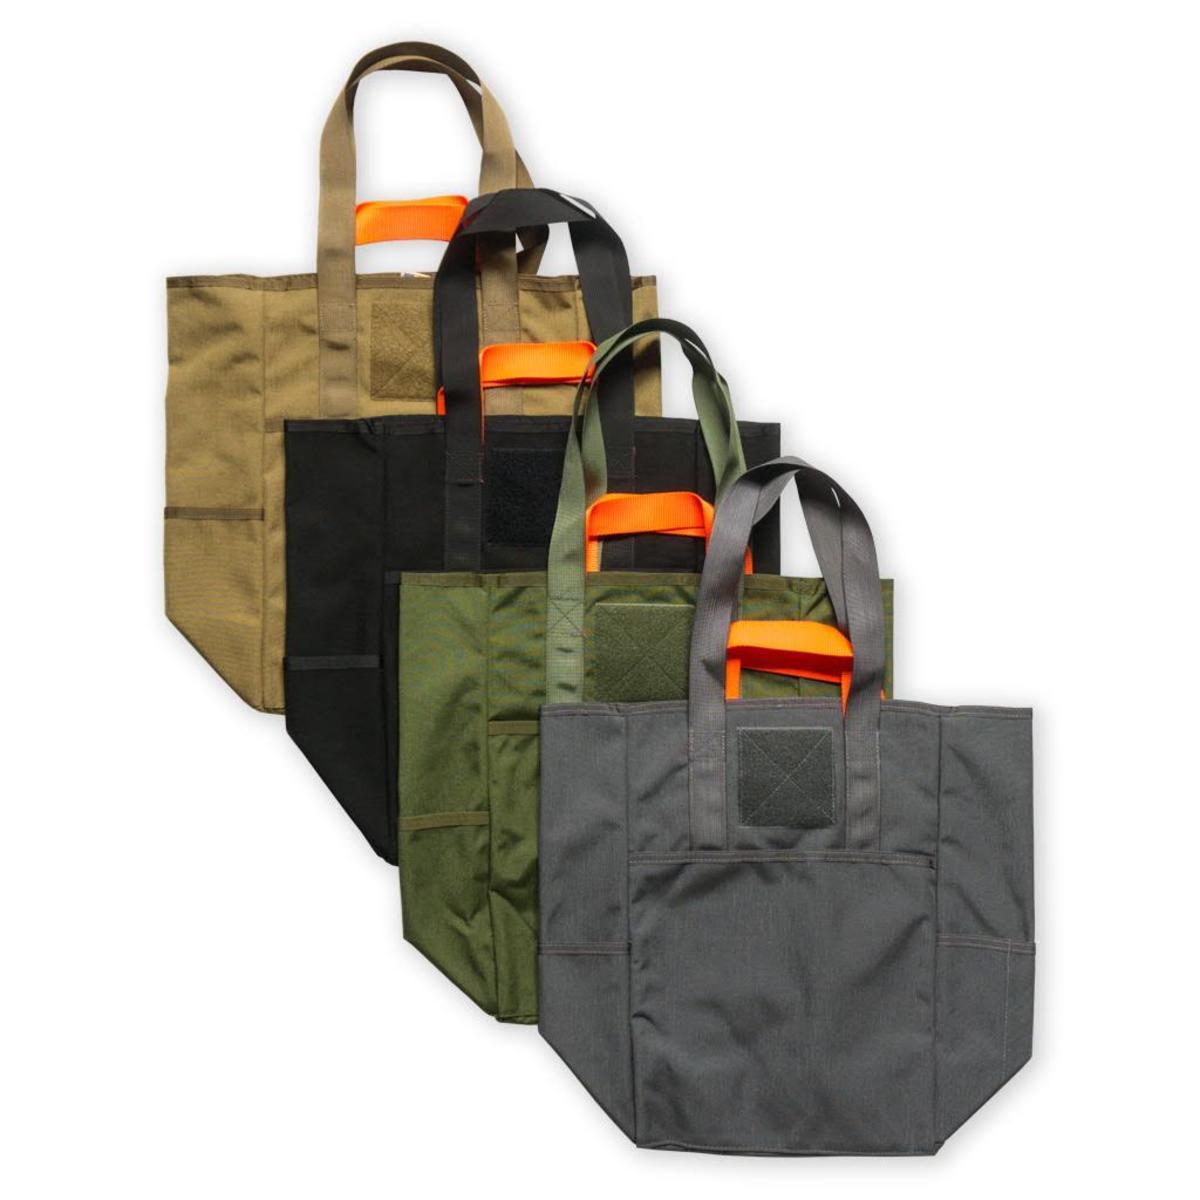 Prometheus Design Werx Cab-2 Tote Bags